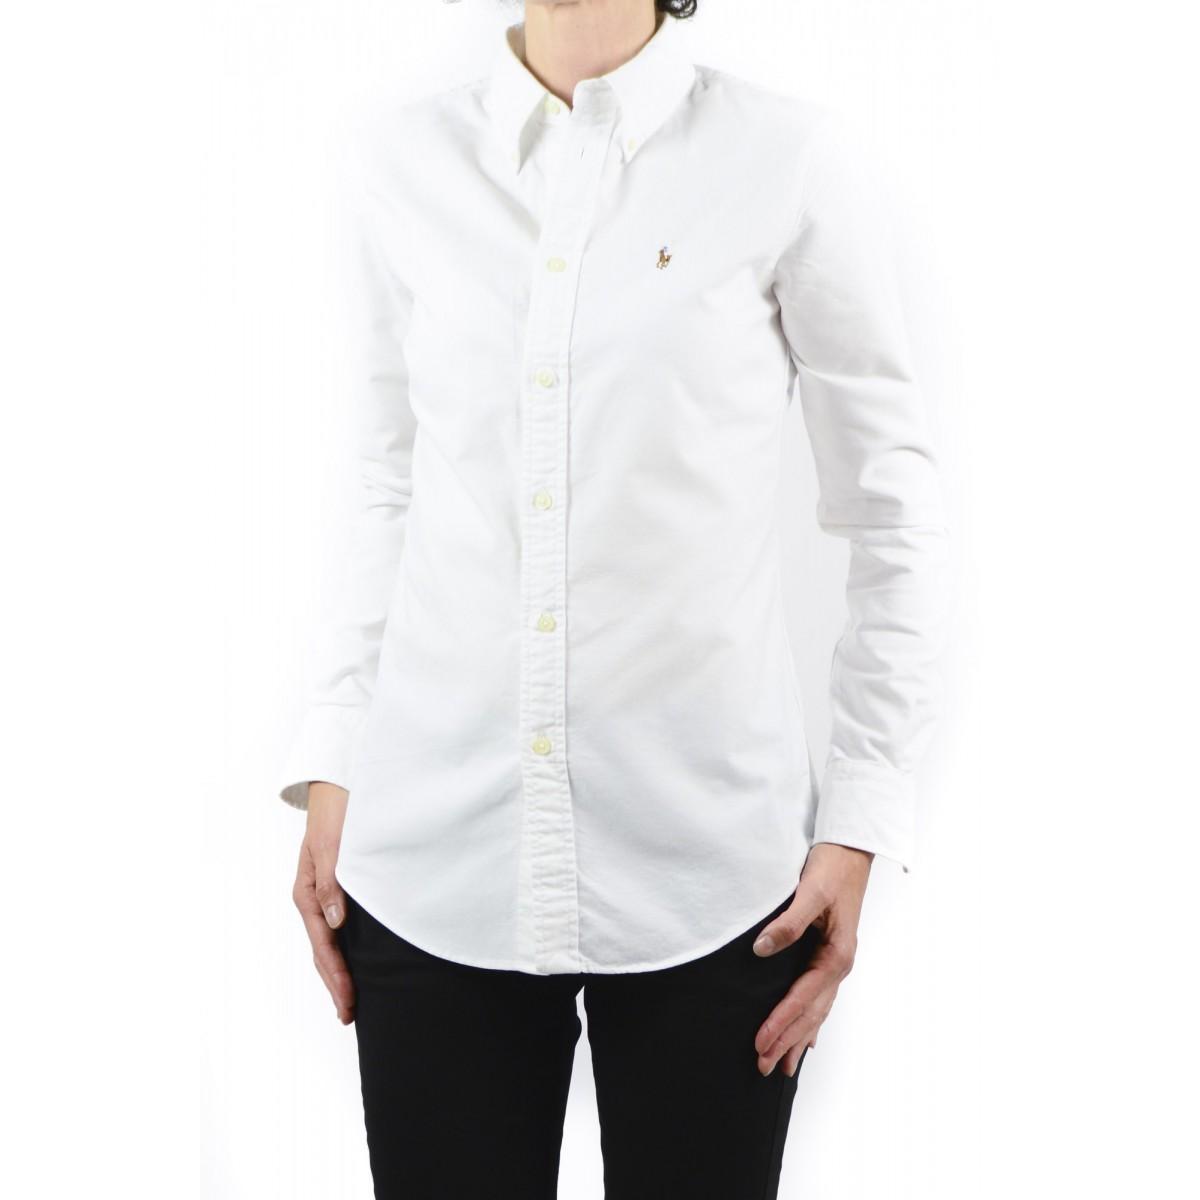 Camicia donna Ralph lauren - V33iohrsc9203 B11D1 - bianco